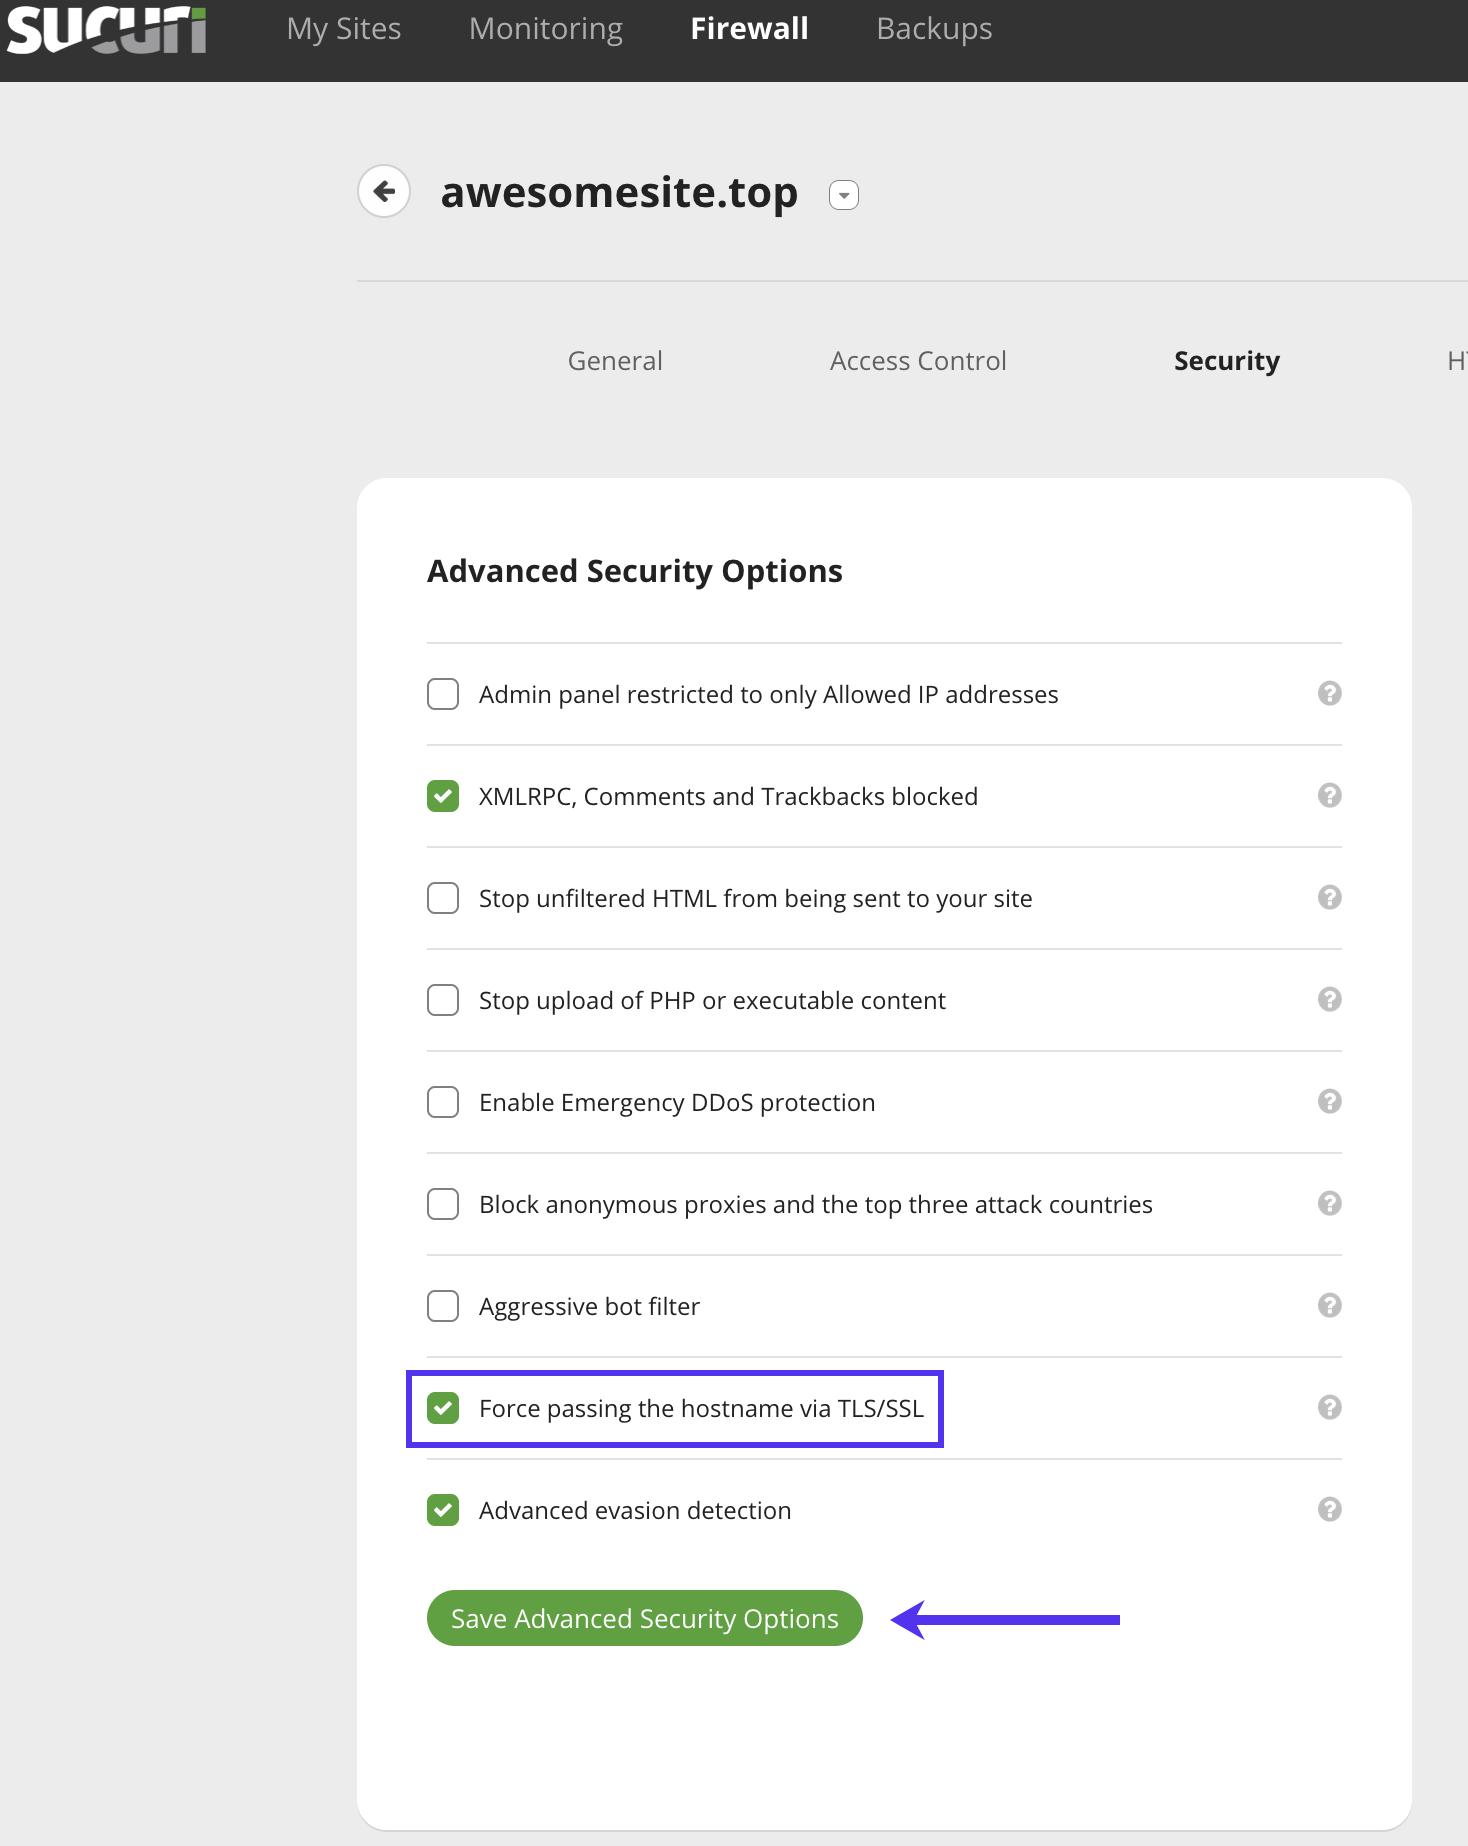 Seleccione Forzar la transmisión del nombre de host a través de TLS/SSL Opciones de seguridad avanzadas en Sucuri